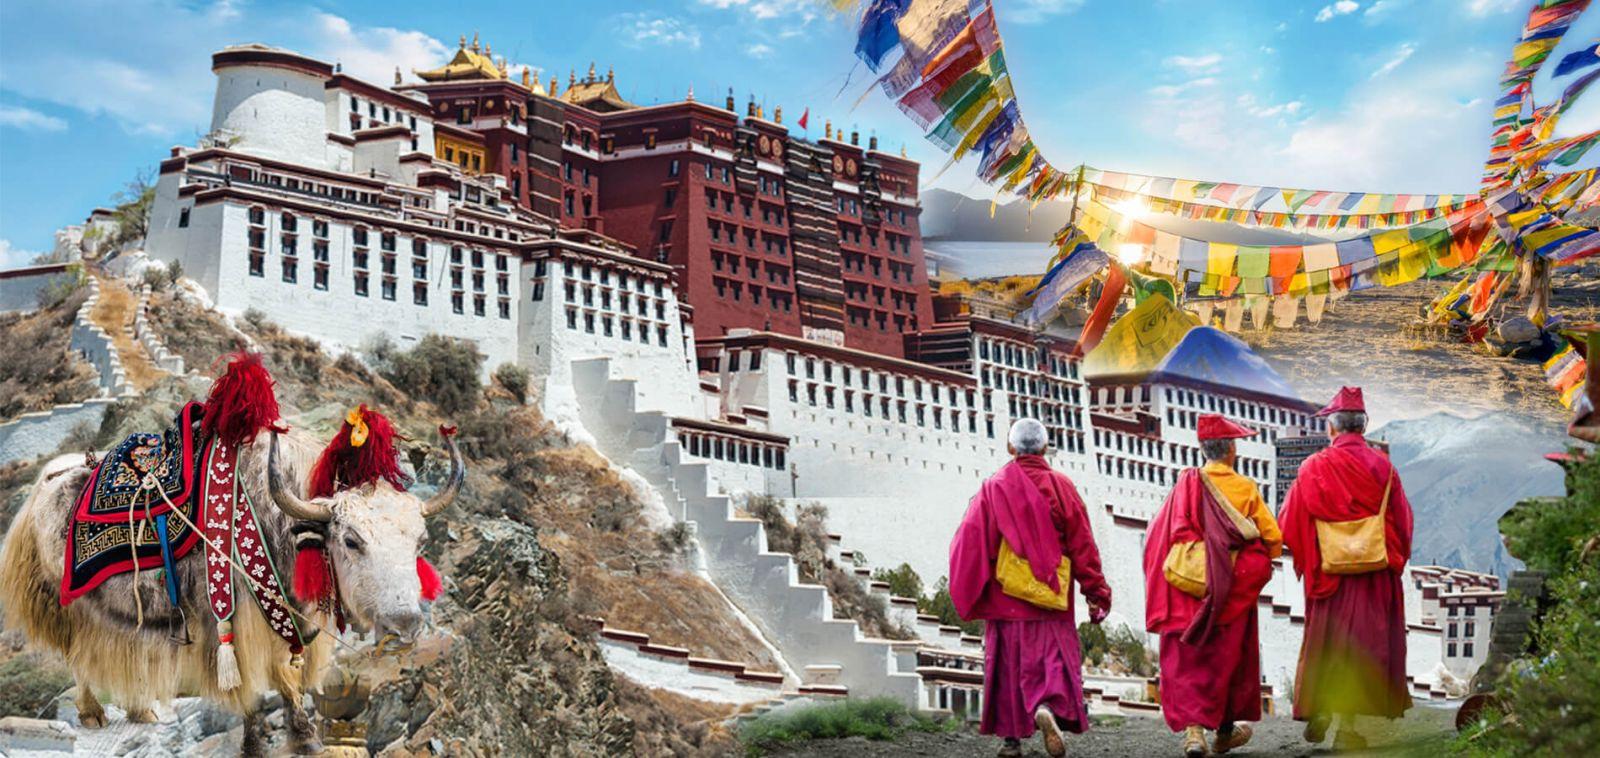 Y học cổ truyền Tây tạng gắn liền với Phật pháp như thế nào?